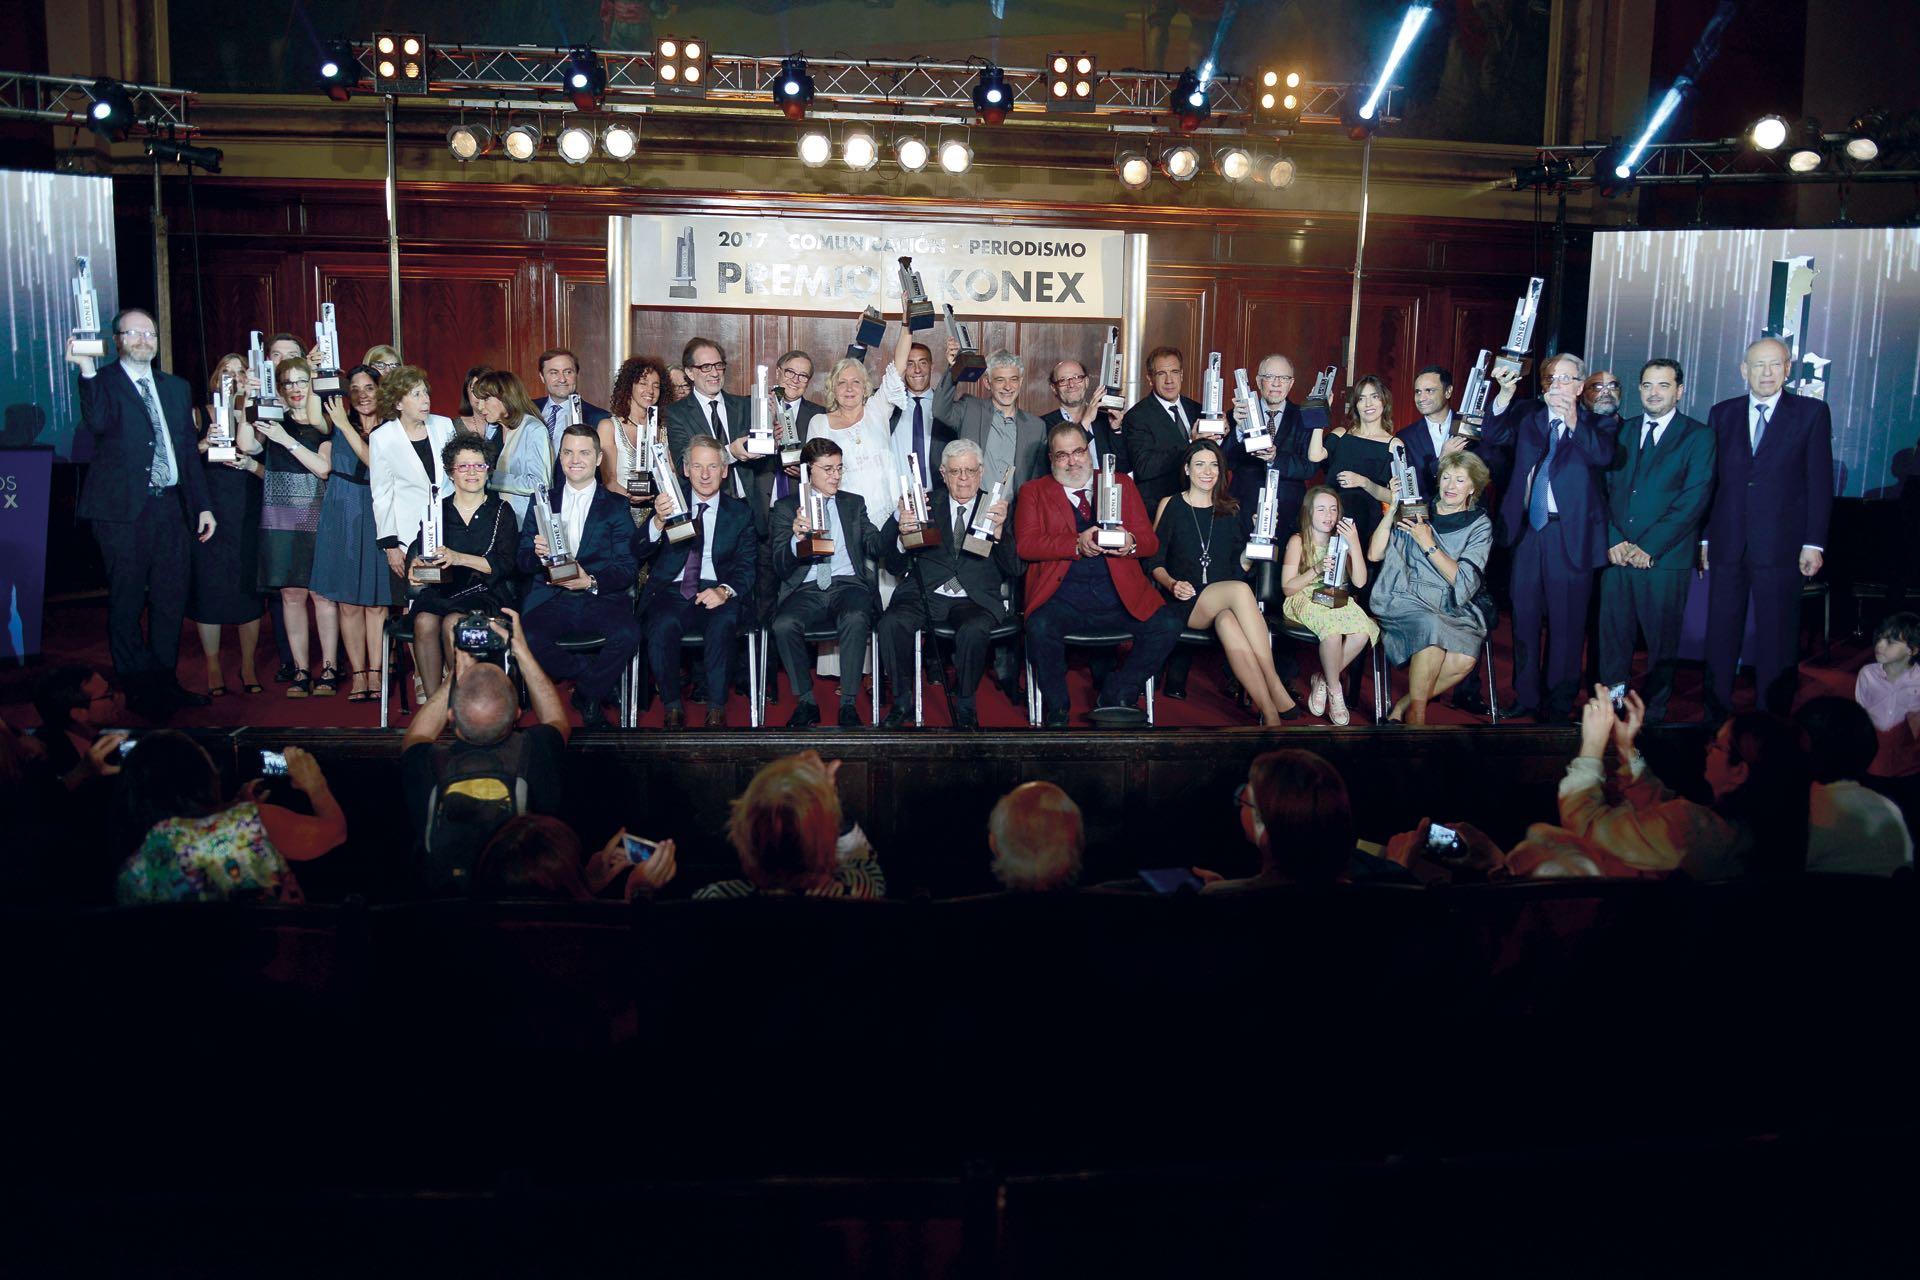 Al final de la ceremonia, realizada en la Facultad de Derechode la UBA, los galardonados posaron con sus premios sobre el escenario. En el centro, el genial Menchi Sábat, figura excluyente. Foto:Diego Soldini/GENTE